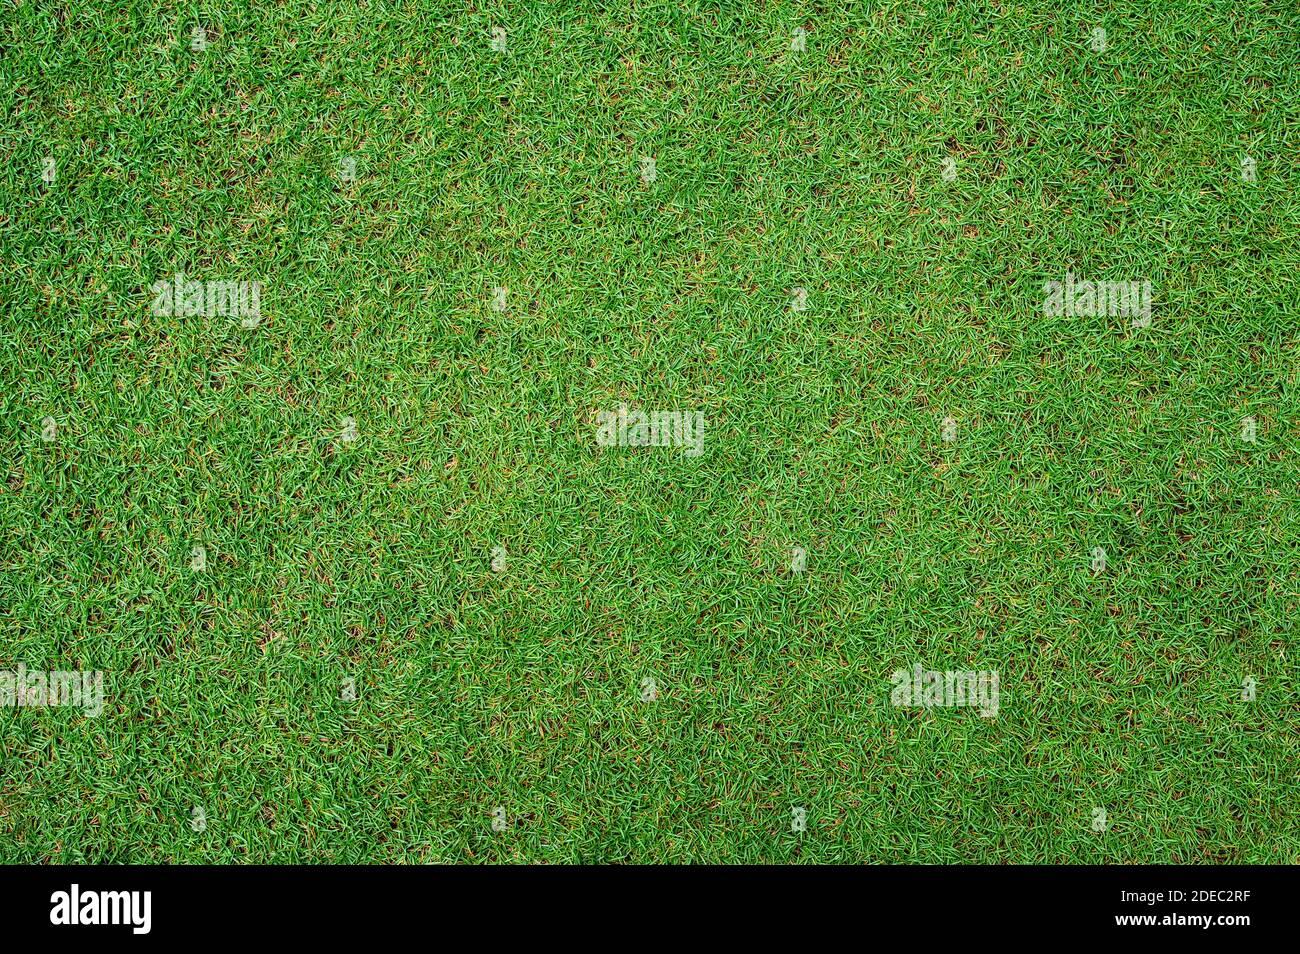 Verde hierba textura fondo Vista superior de jardín de césped brillante, césped para el entrenamiento campo de fútbol, césped Campos de Golf césped verde patrón de césped textura bac Foto de stock